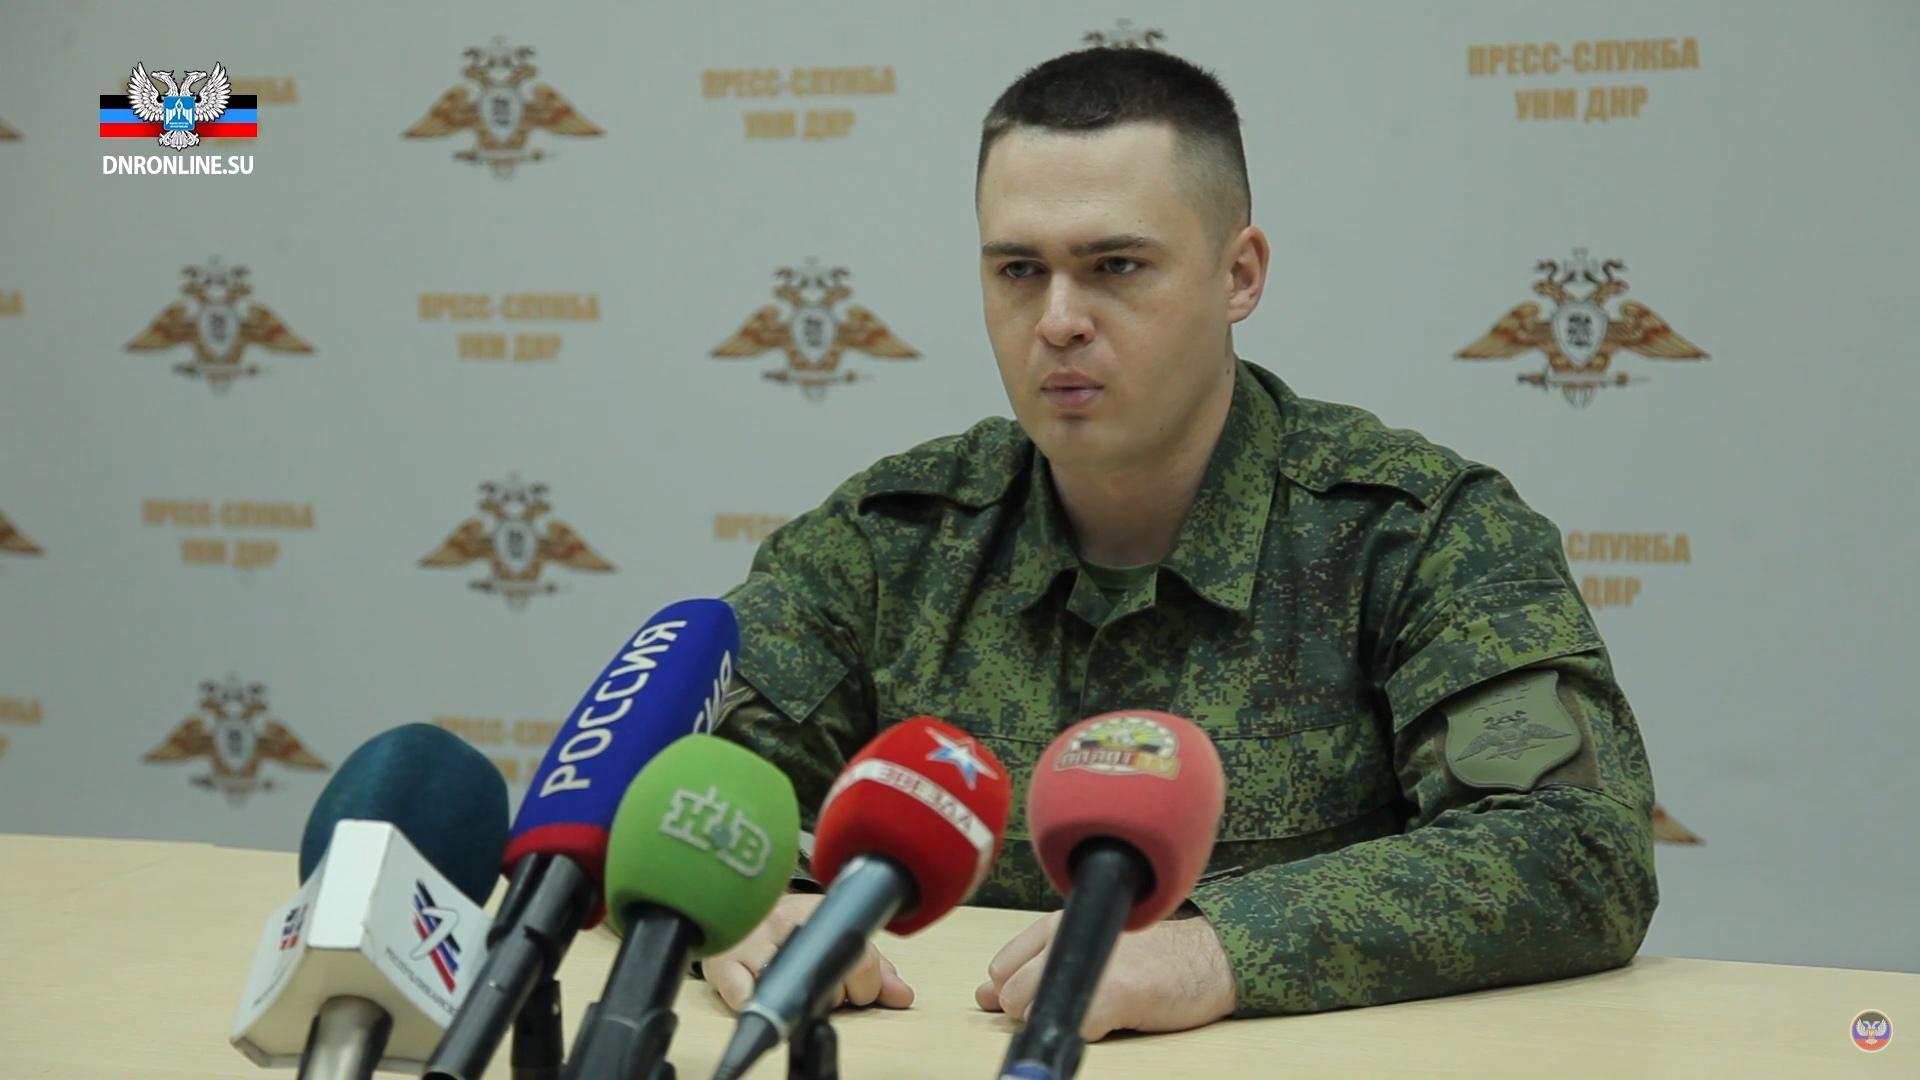 Украина продолжает вести информационную войну против Республик - НМ ДНР